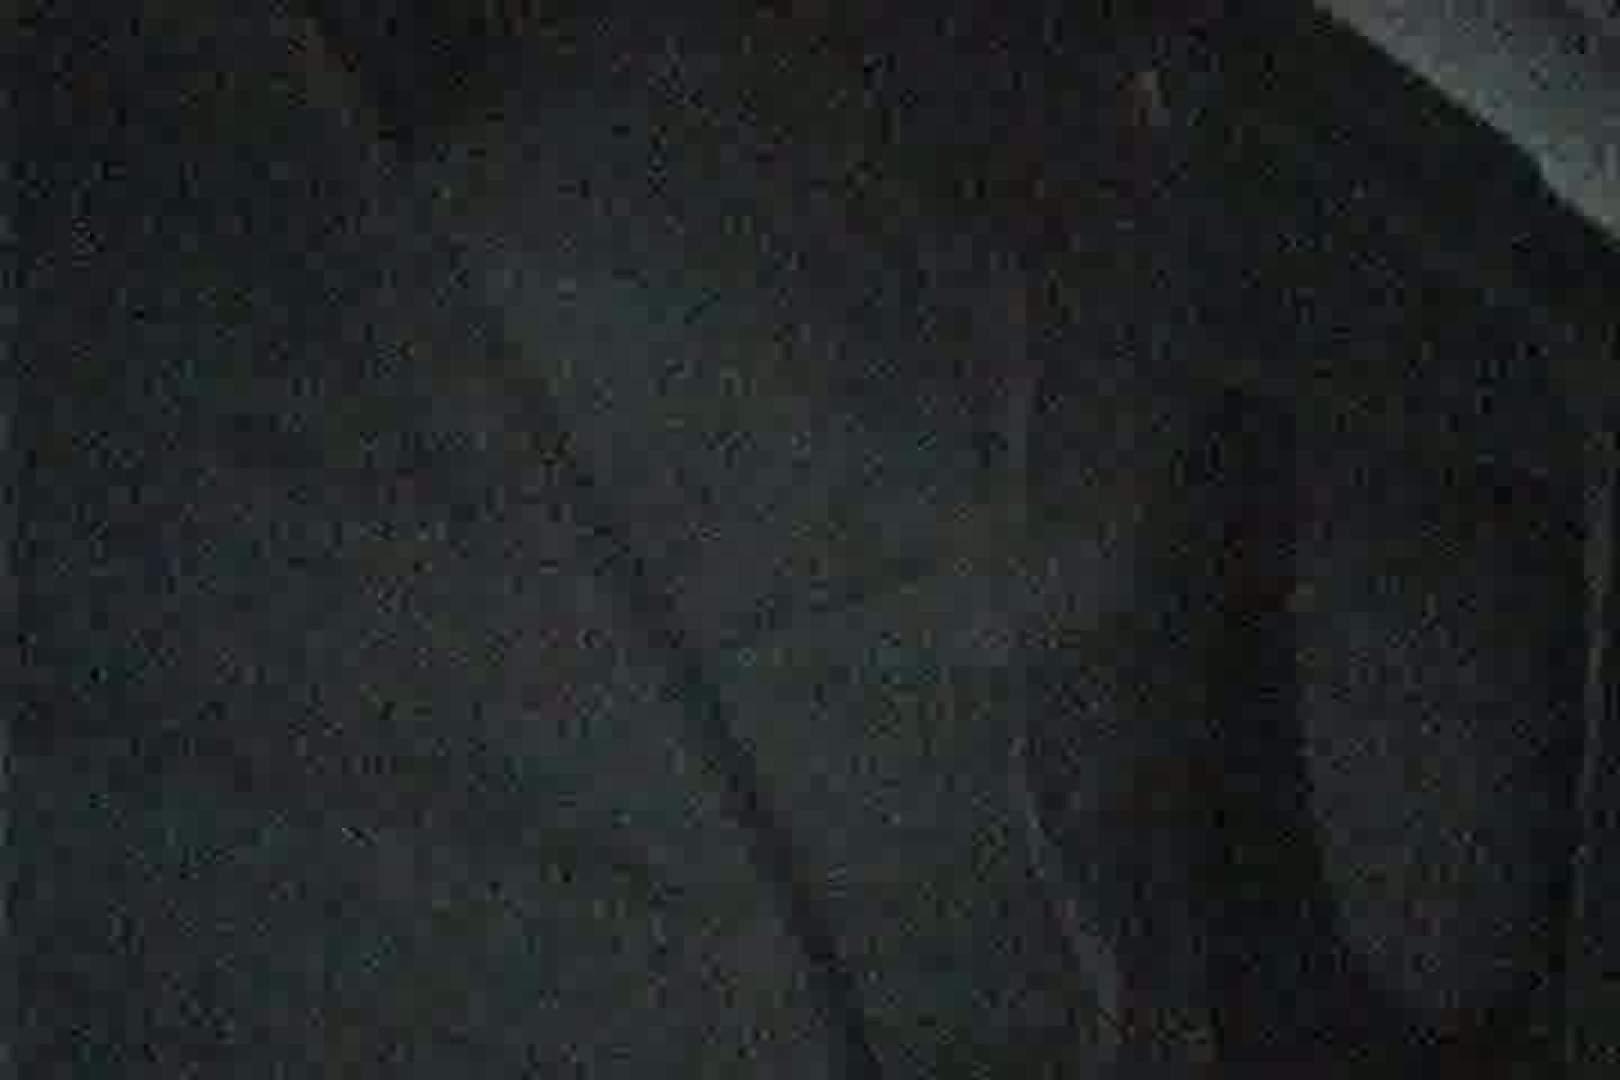 充血監督の深夜の運動会Vol.27 HなOL オメコ無修正動画無料 78pic 58